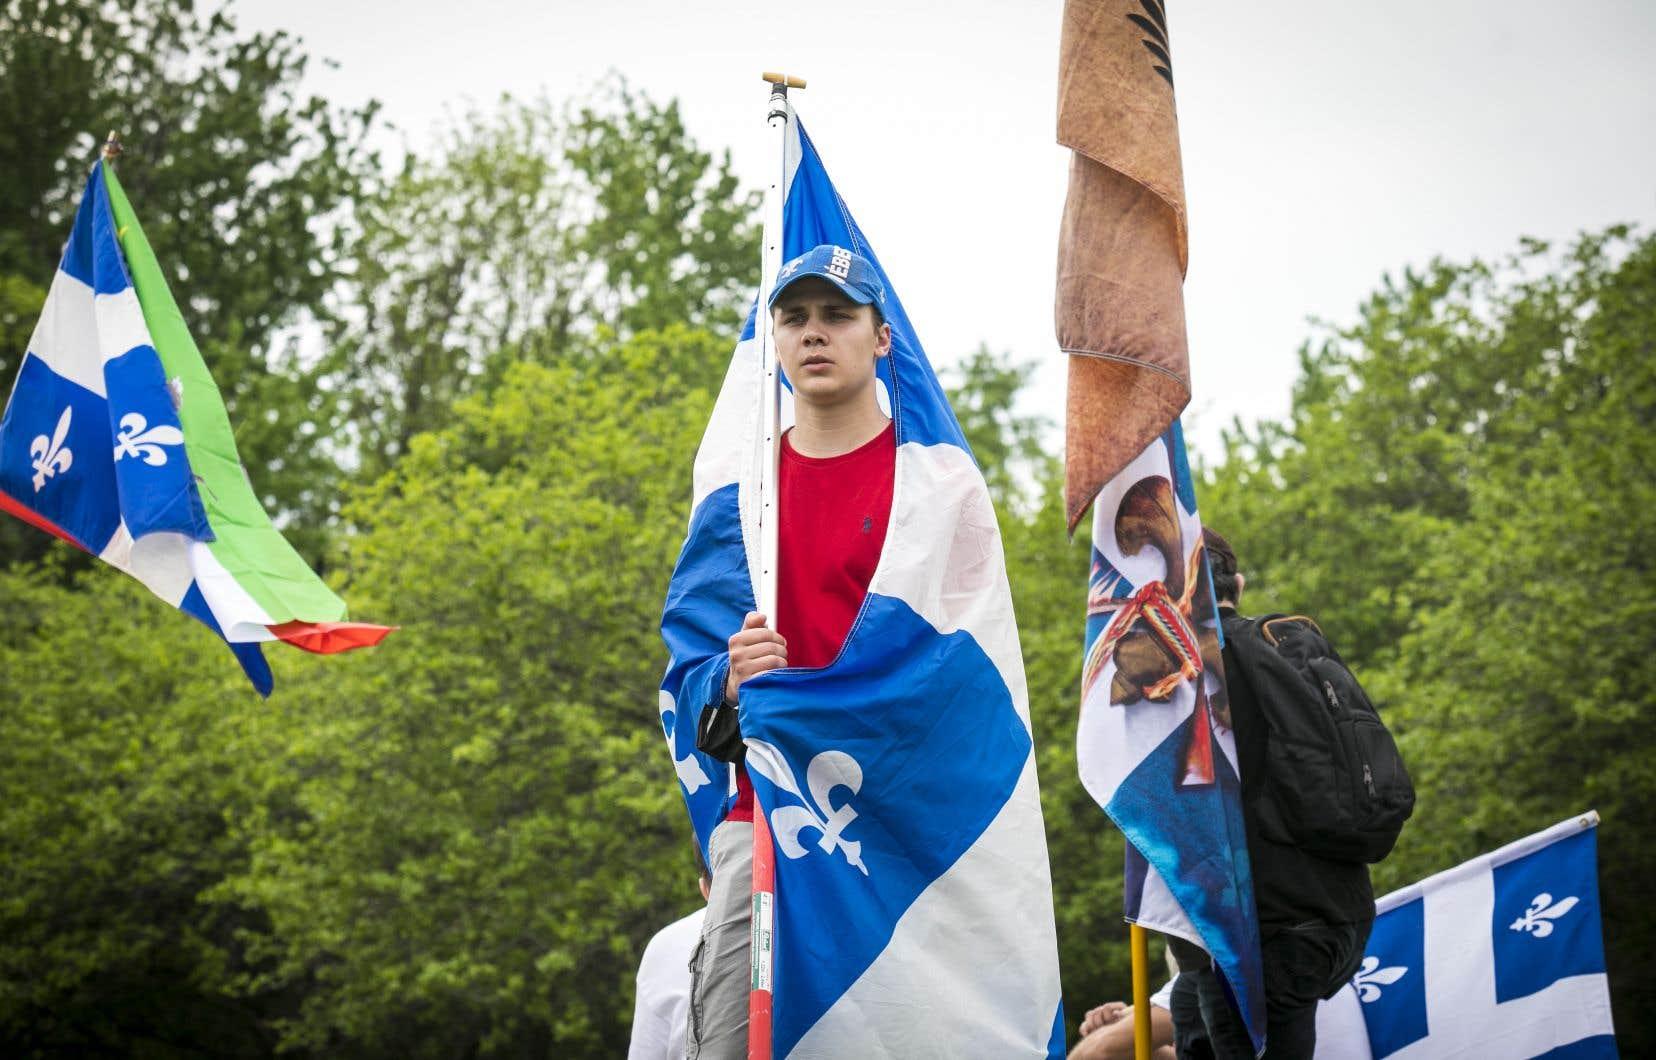 Près de 80% des francophones sont «tout à fait» ou «plutôt» d'accord avec l'idée de voir le Québec se définir comme une nation dans la Constitution canadienne, selonun sondage Léger.